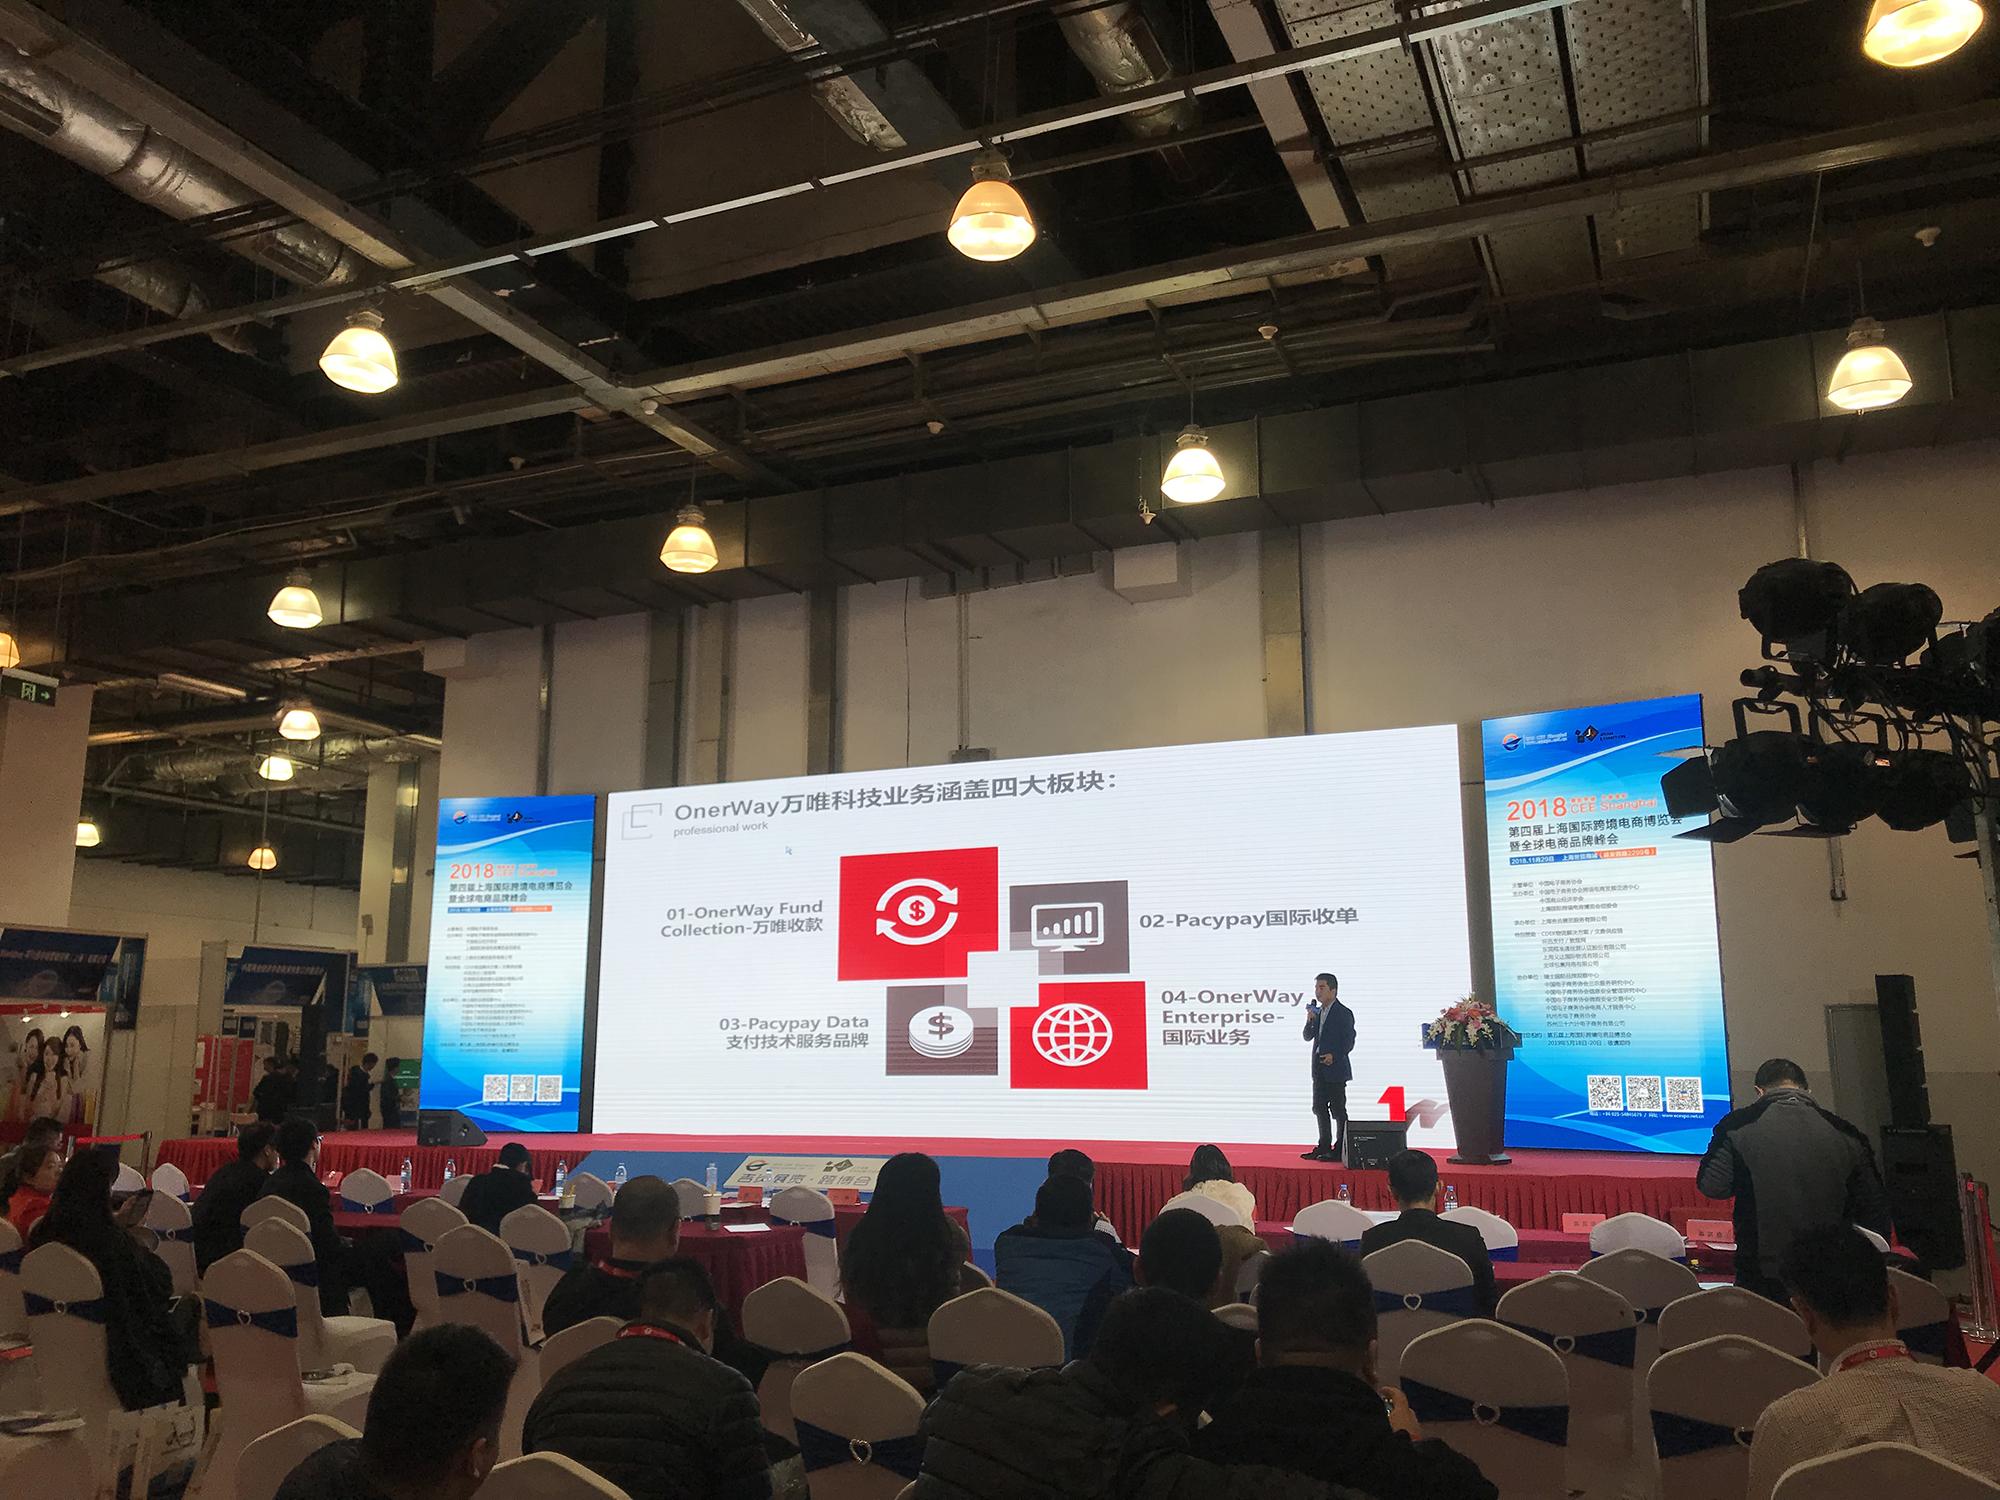 万唯出席第四届上海国际跨境电商博览会,分享掘金新机遇!